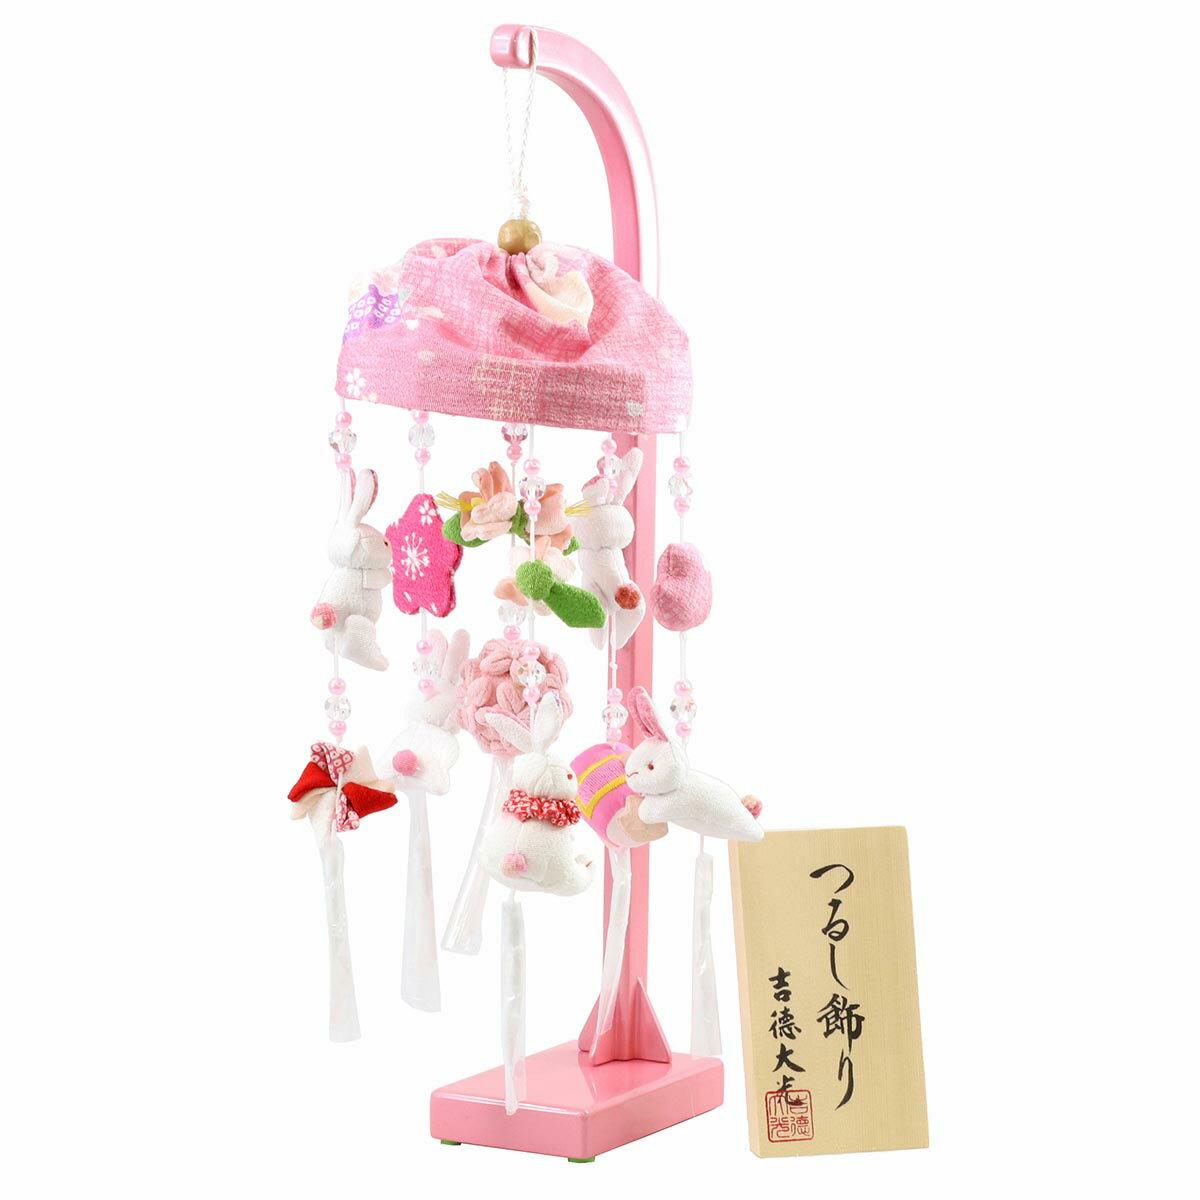 つるし雛 吊るし飾り 吉徳 つるし飾り キラキラうさぎ(特小) スタンド付 オルゴール付 TRS-Y-351-097